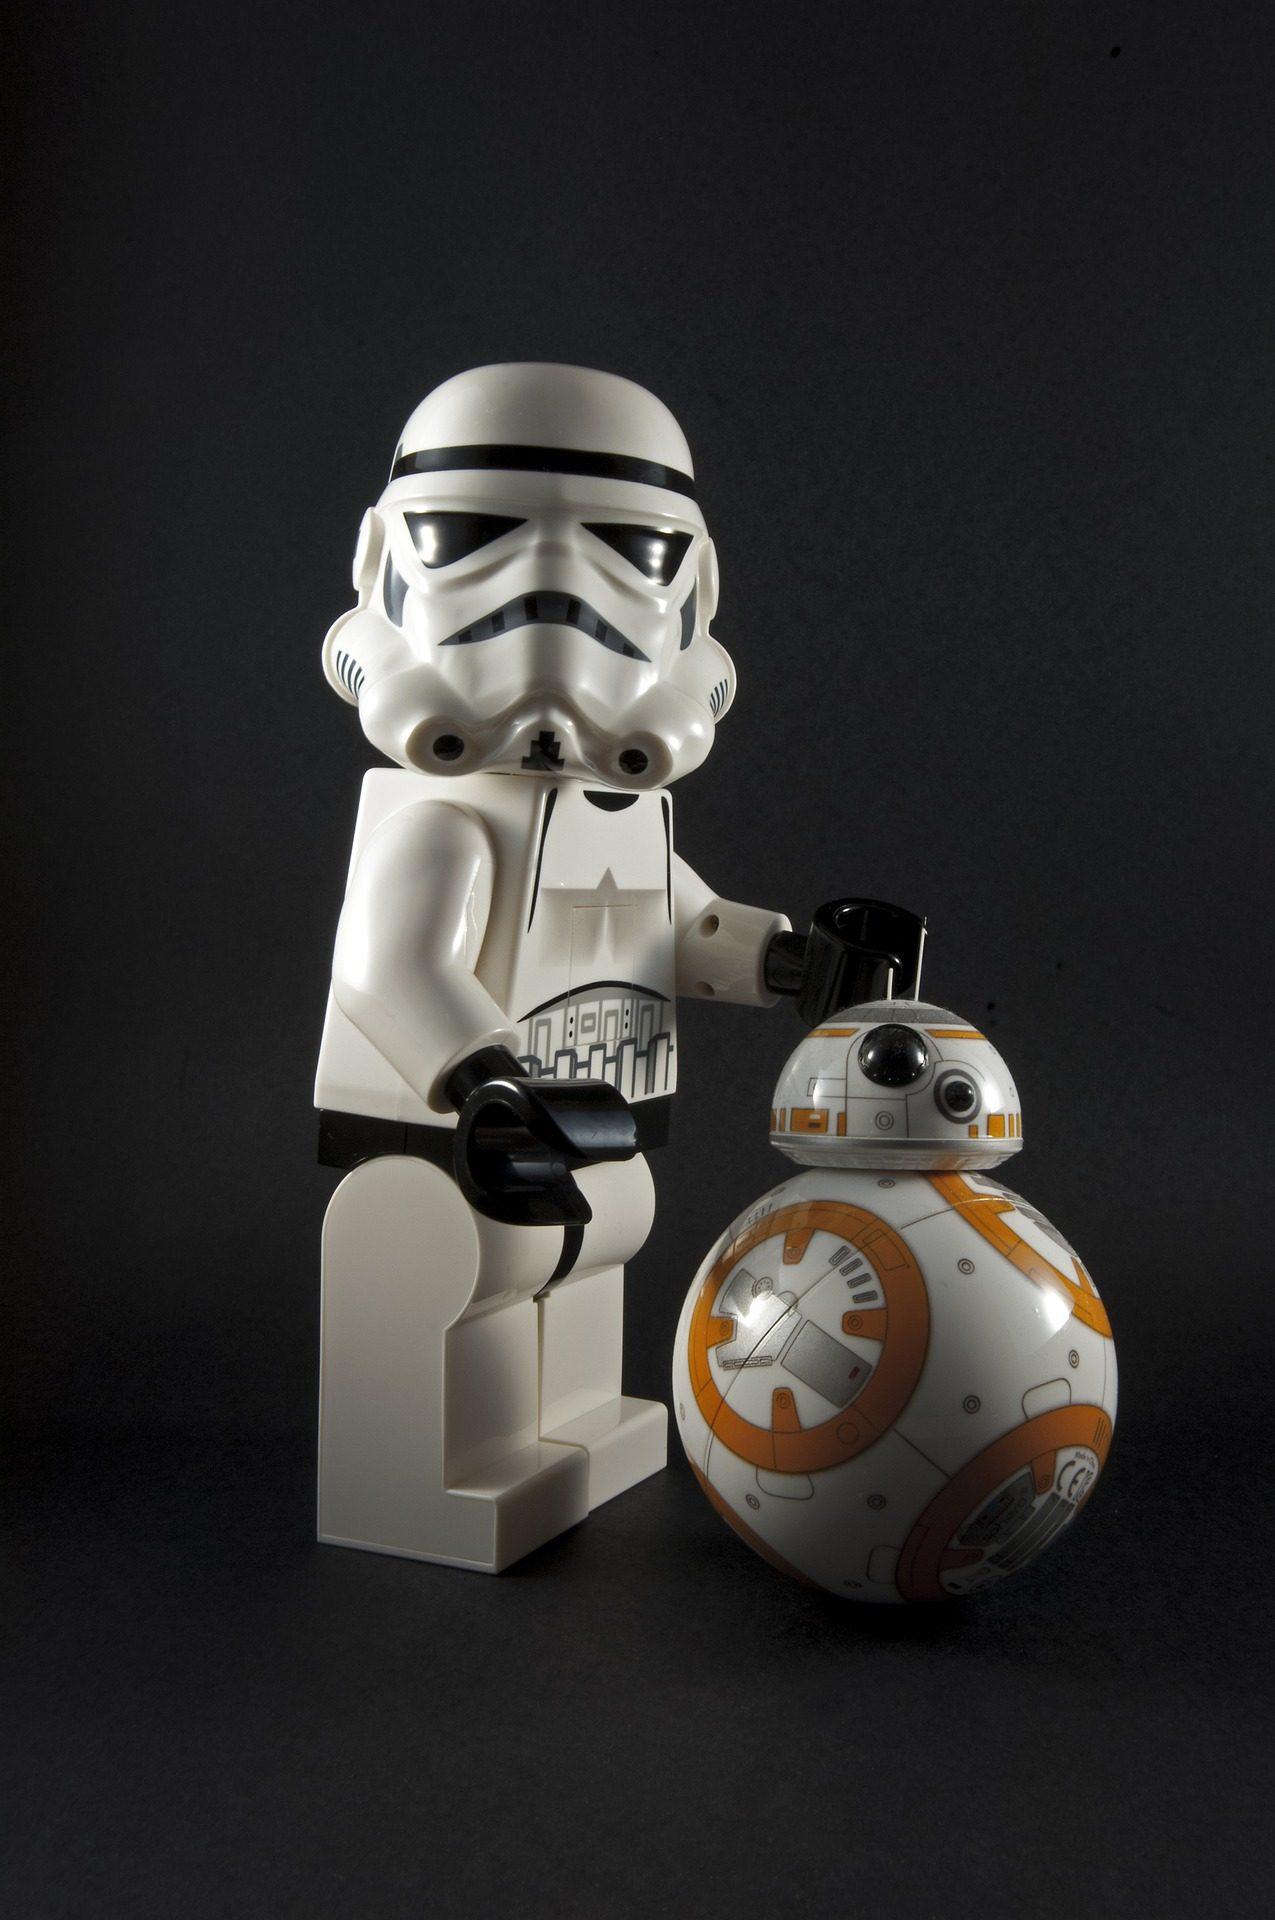 στρατιώτης, Imperial, ρομπότ, bb8, Star wars, κούκλες, αριθμοί - Wallpapers HD - Professor-falken.com